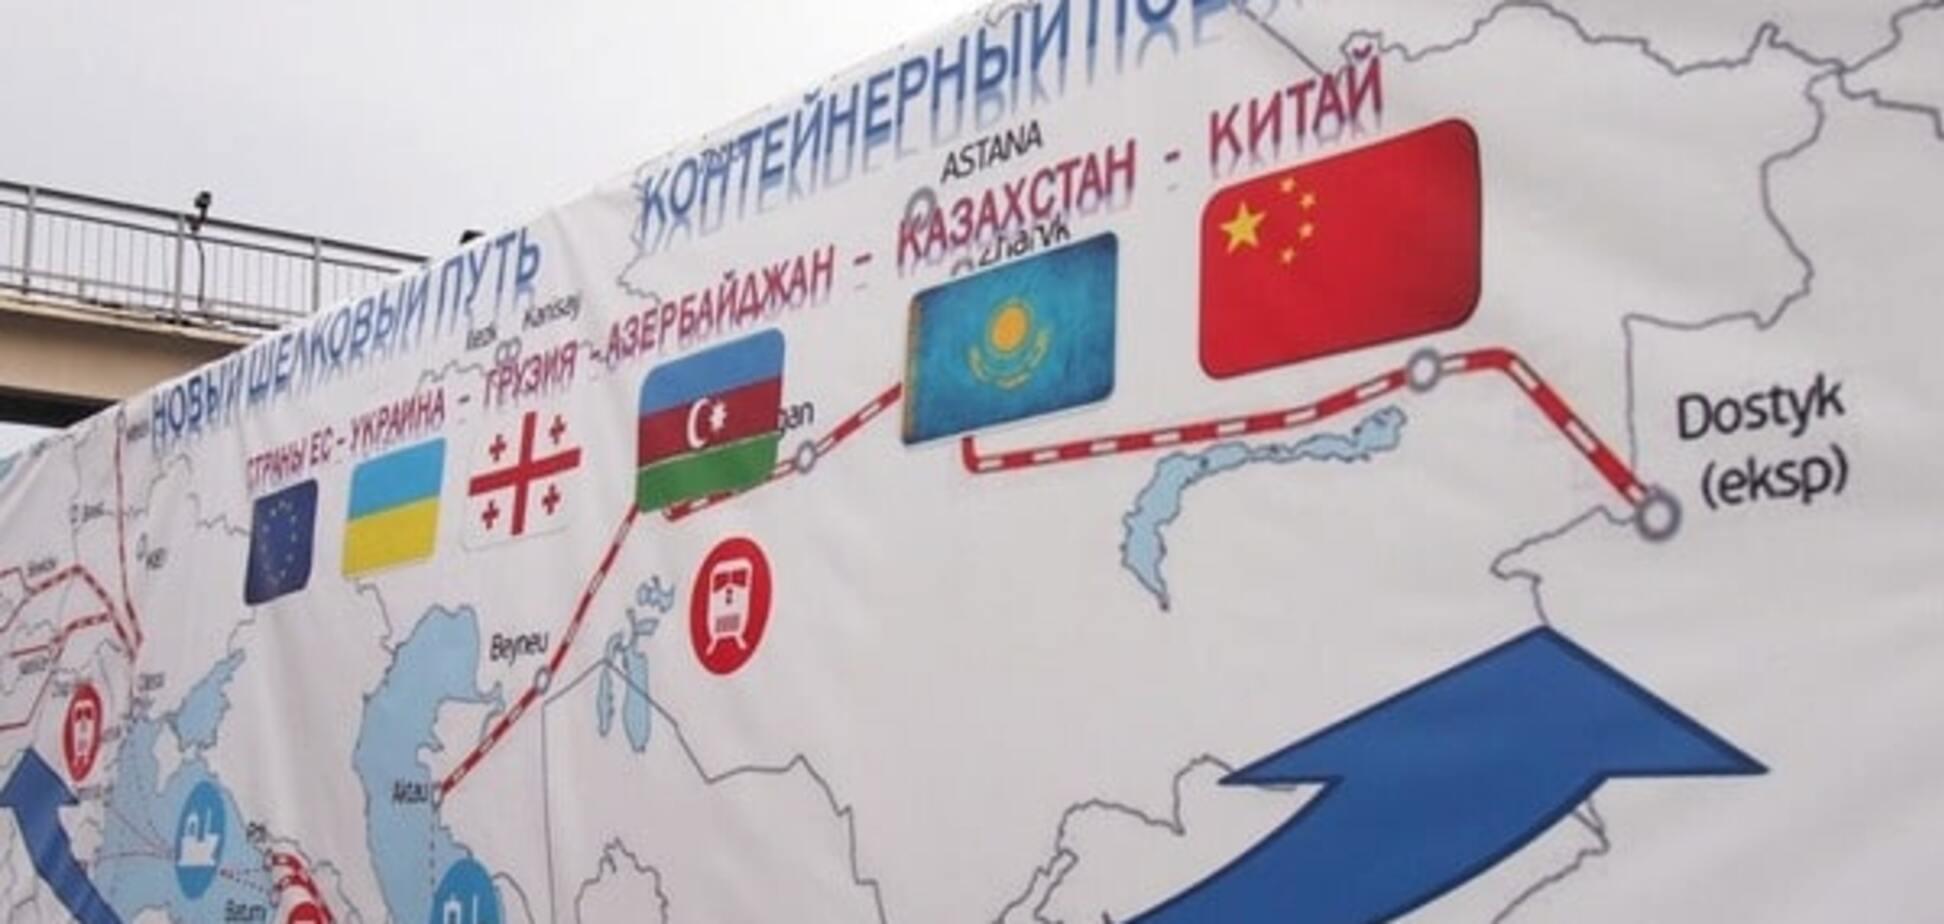 Повз Росії: що завадило 'шовковому' поїзду вчасно прибути в Китай